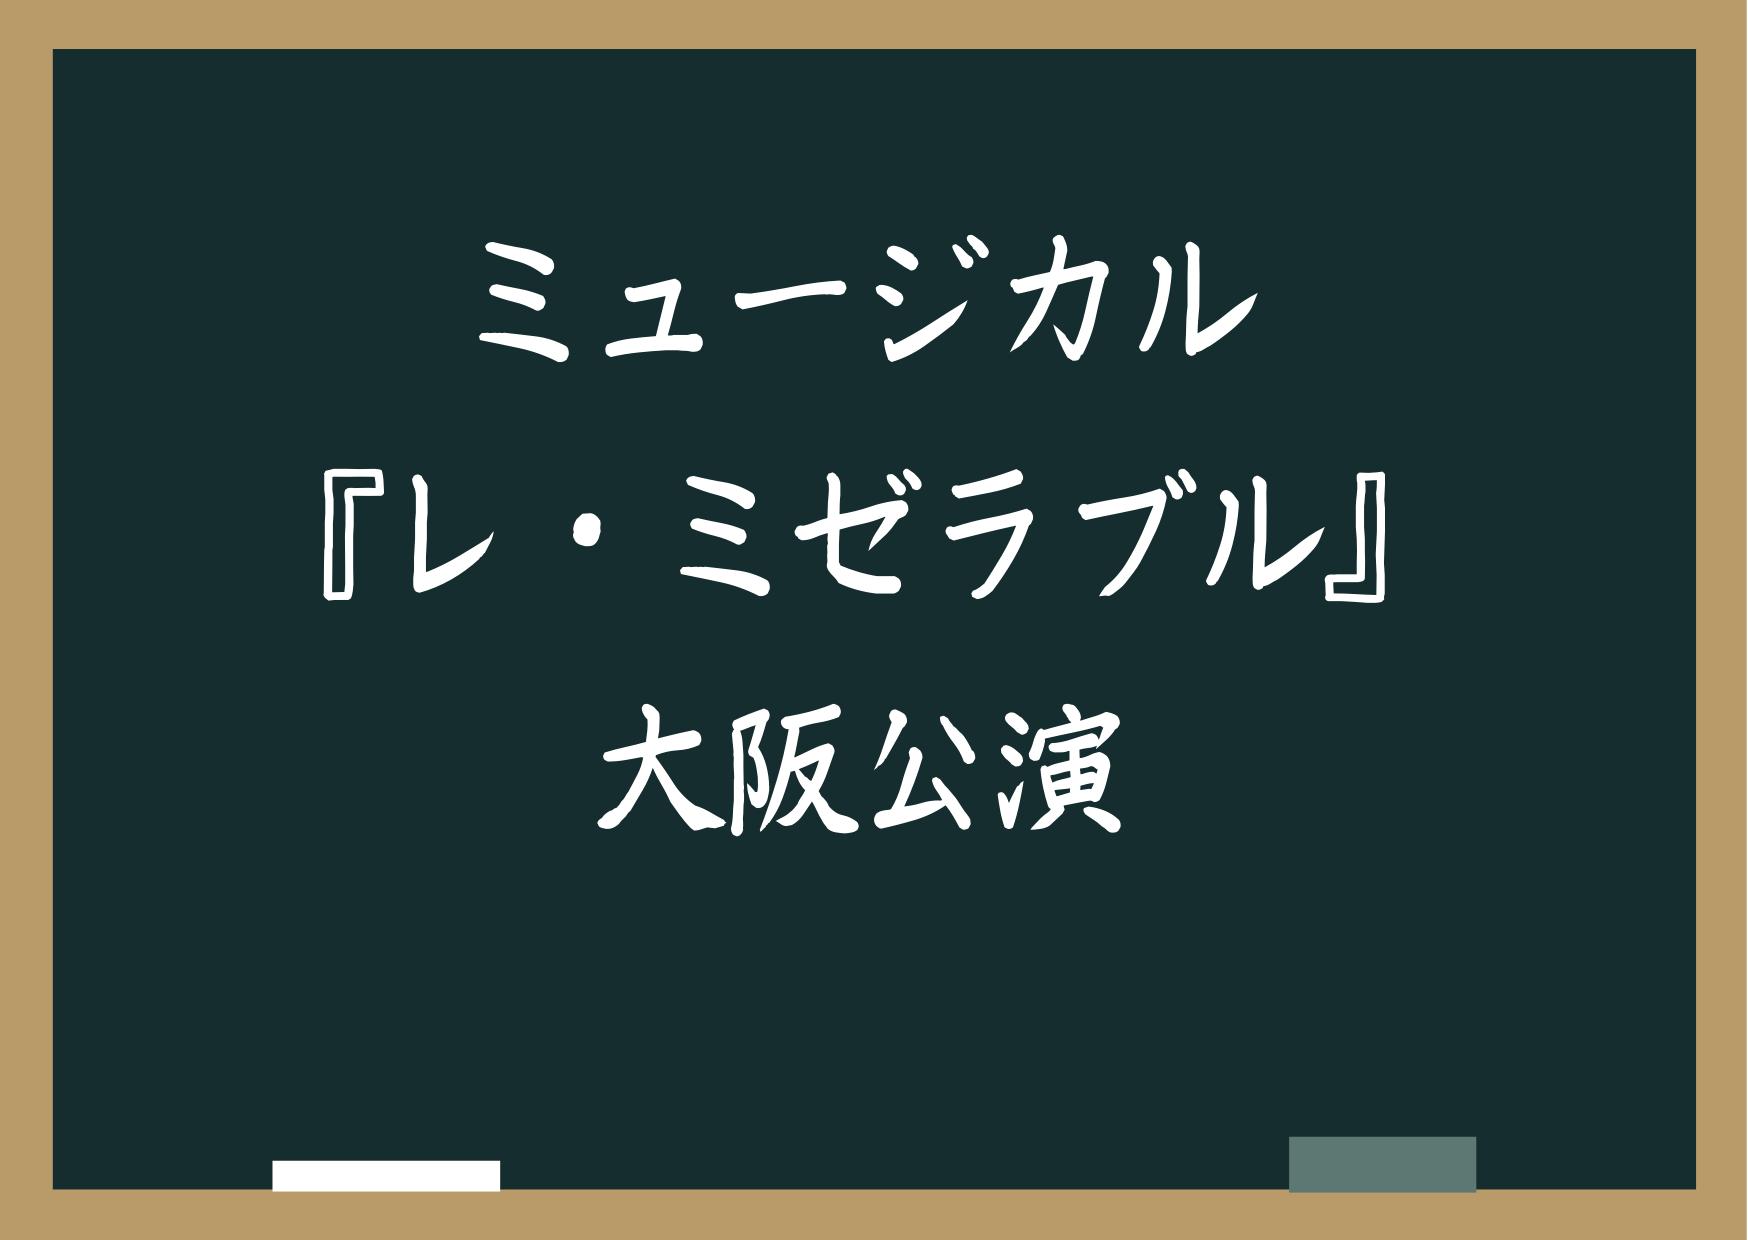 ミュージカル『レ・ミゼラブル』大阪公演